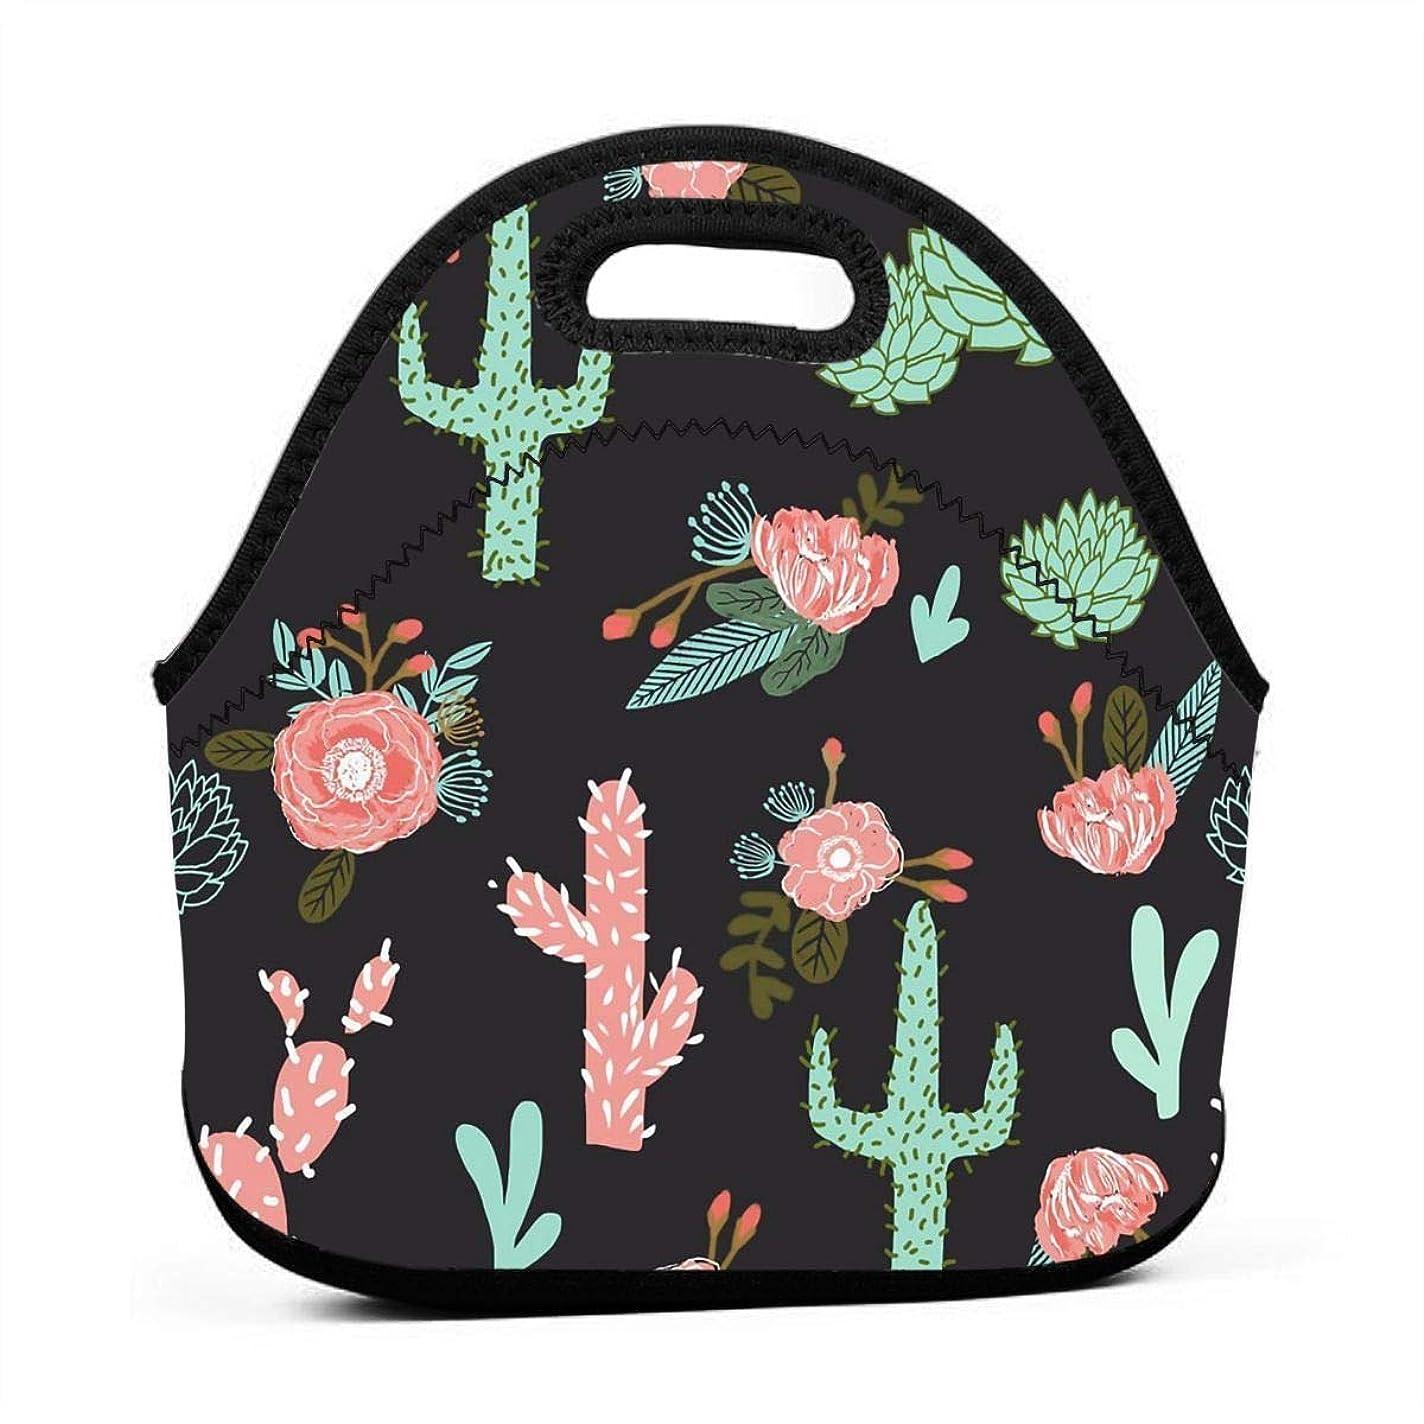 お嬢閲覧する極小Cactus Flowers Cute Girls Cacti Pink 保温再利用可能おポータブル弁当箱ランチトートバッグ食事袋子供大人ユニセックス